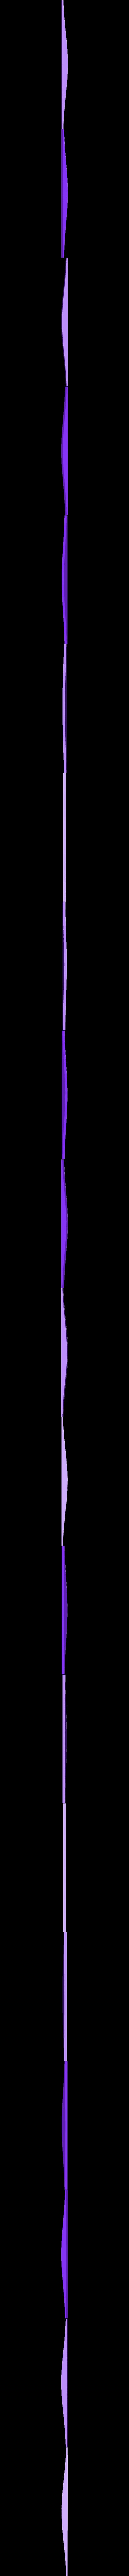 7-bass-bar.stl Download free STL file Violin • 3D print design, jteix